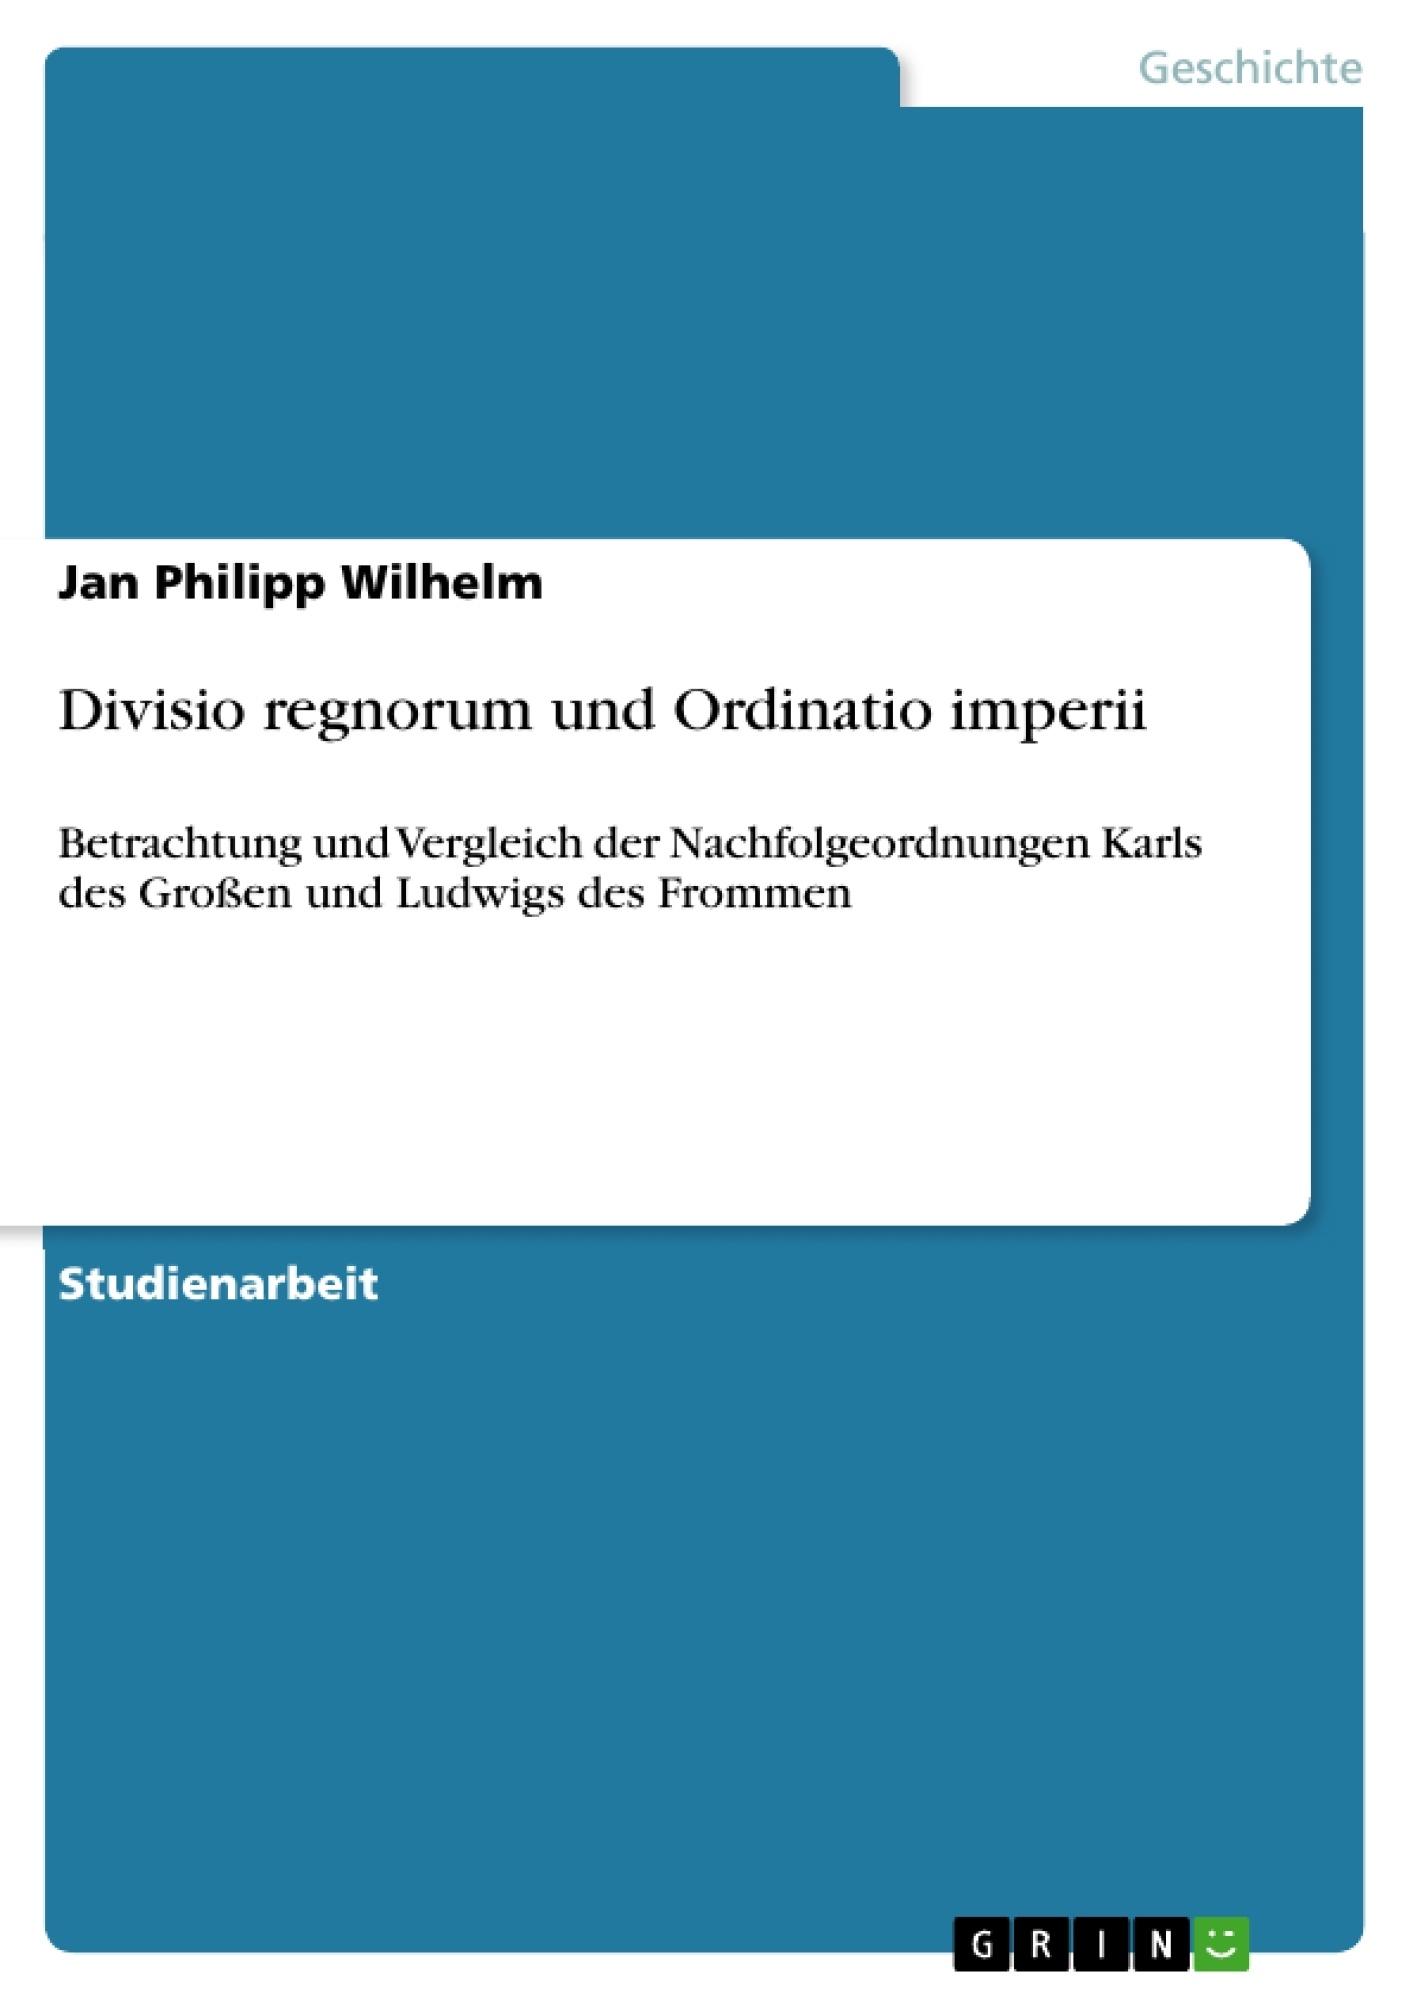 Titel: Divisio regnorum und Ordinatio imperii